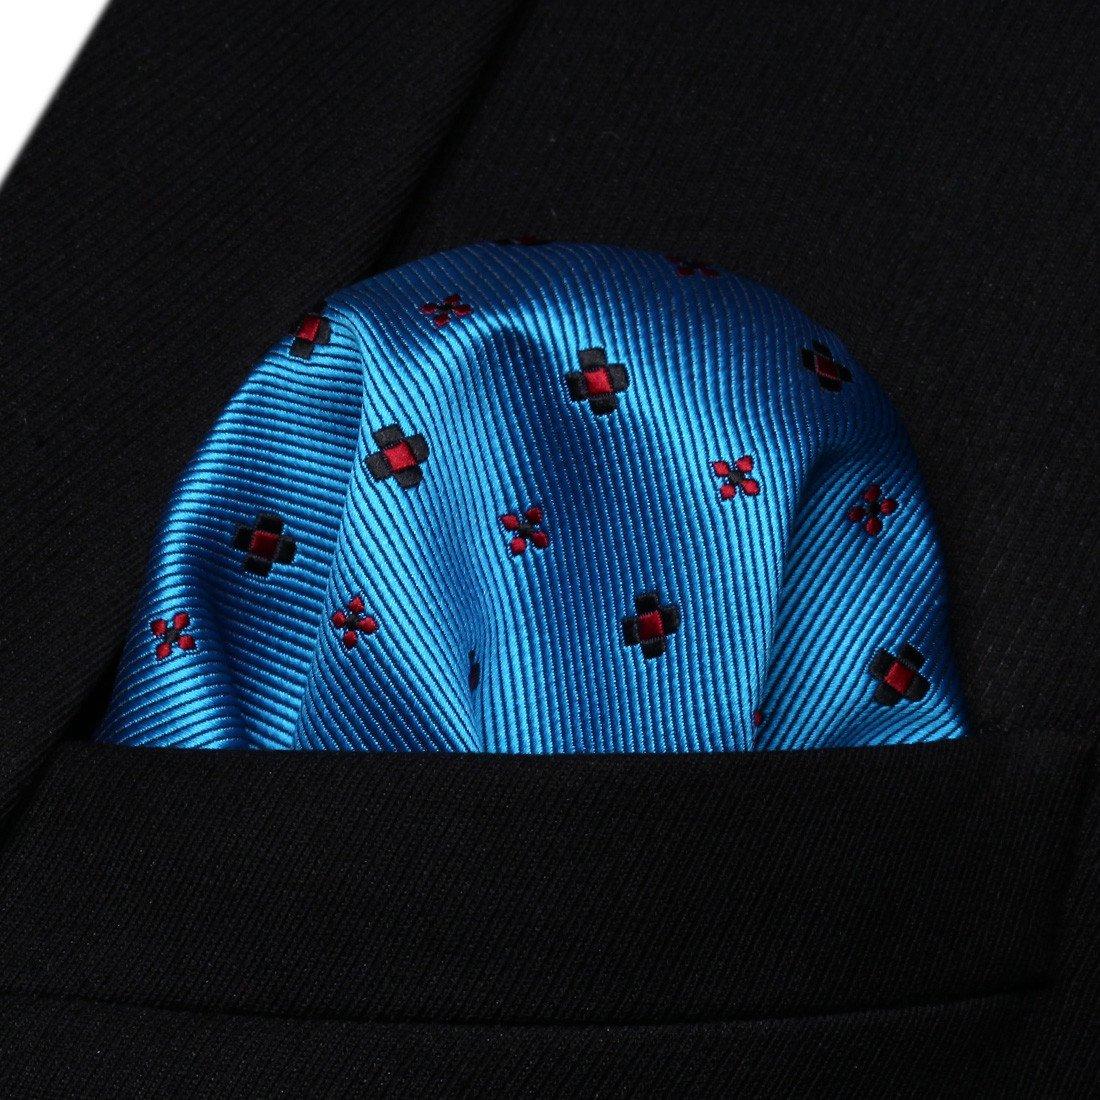 HISDERN Floral Dots Tie Woven Classic Mens Necktie /& Pocket Square Set